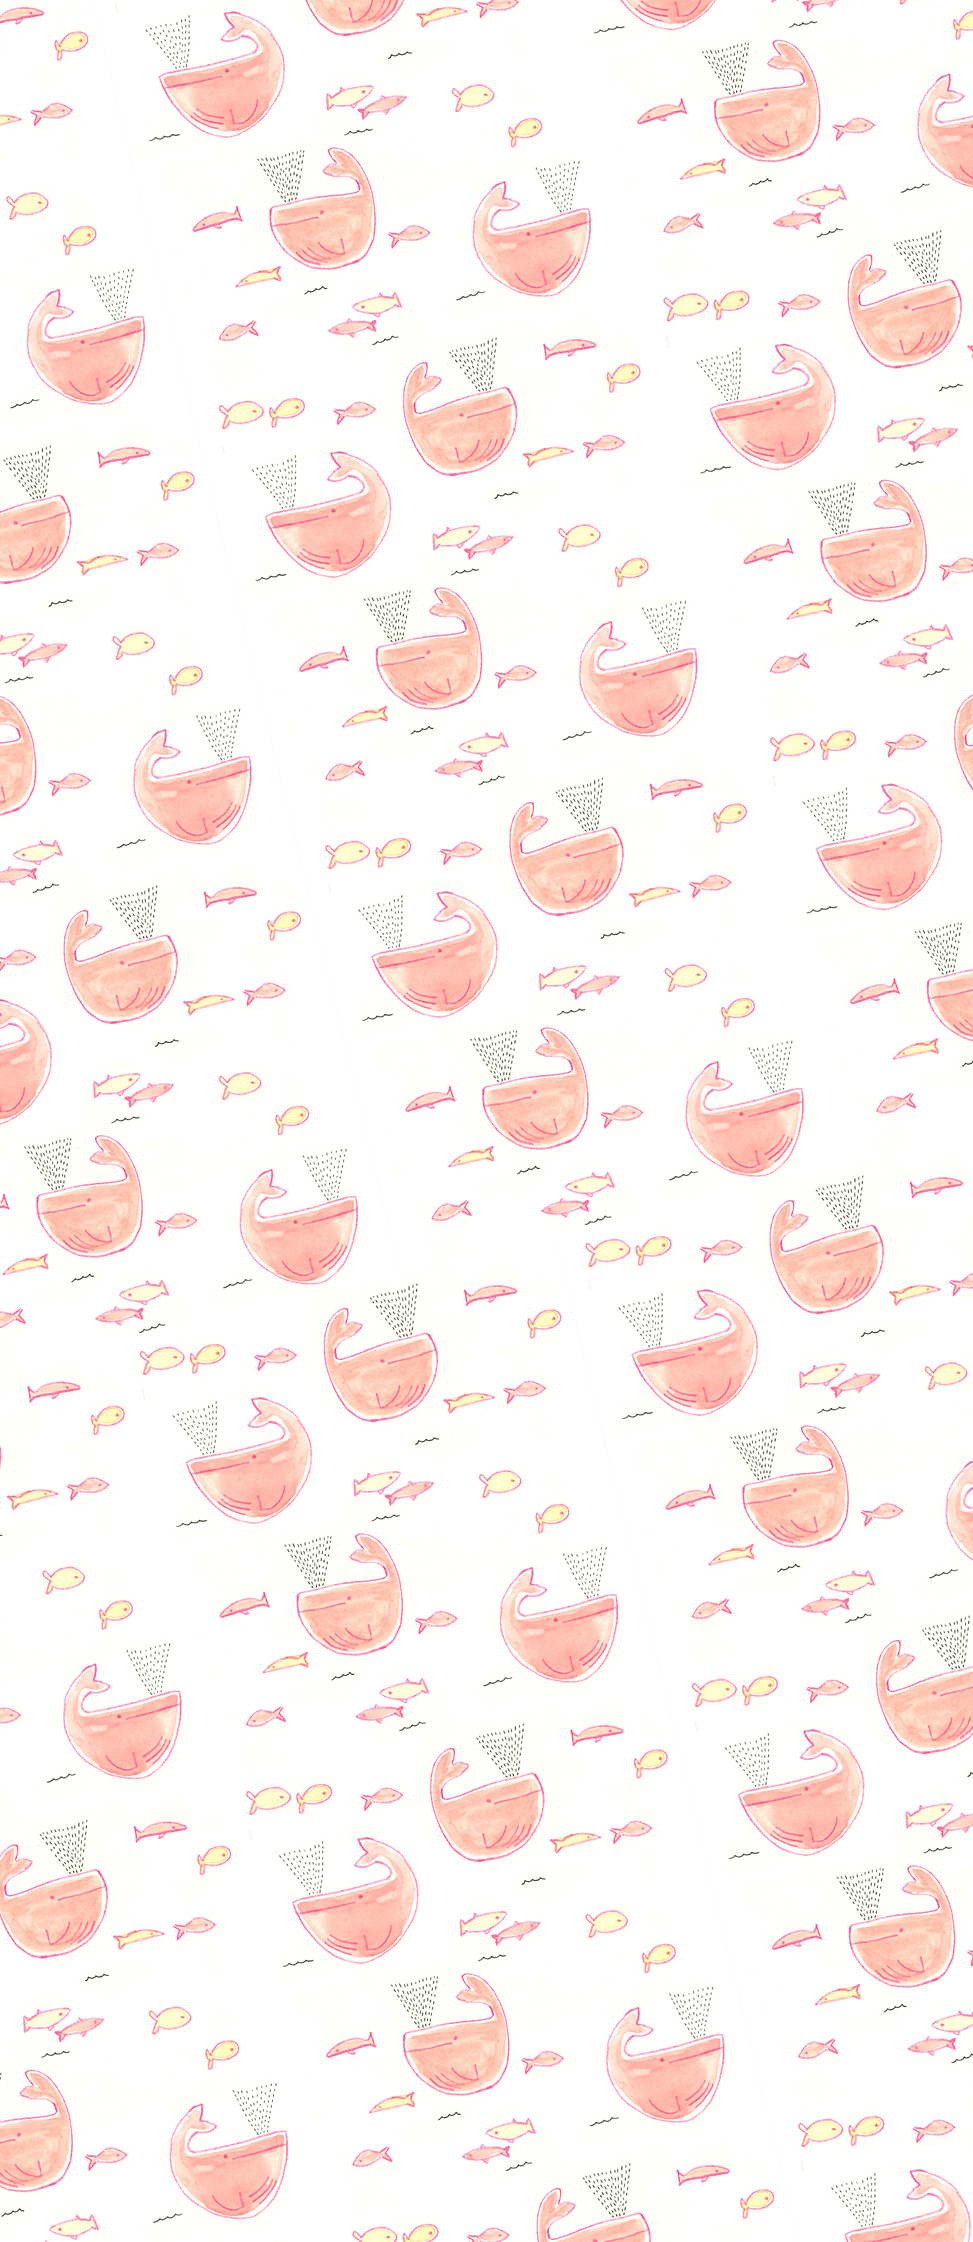 whale_pattern.jpg